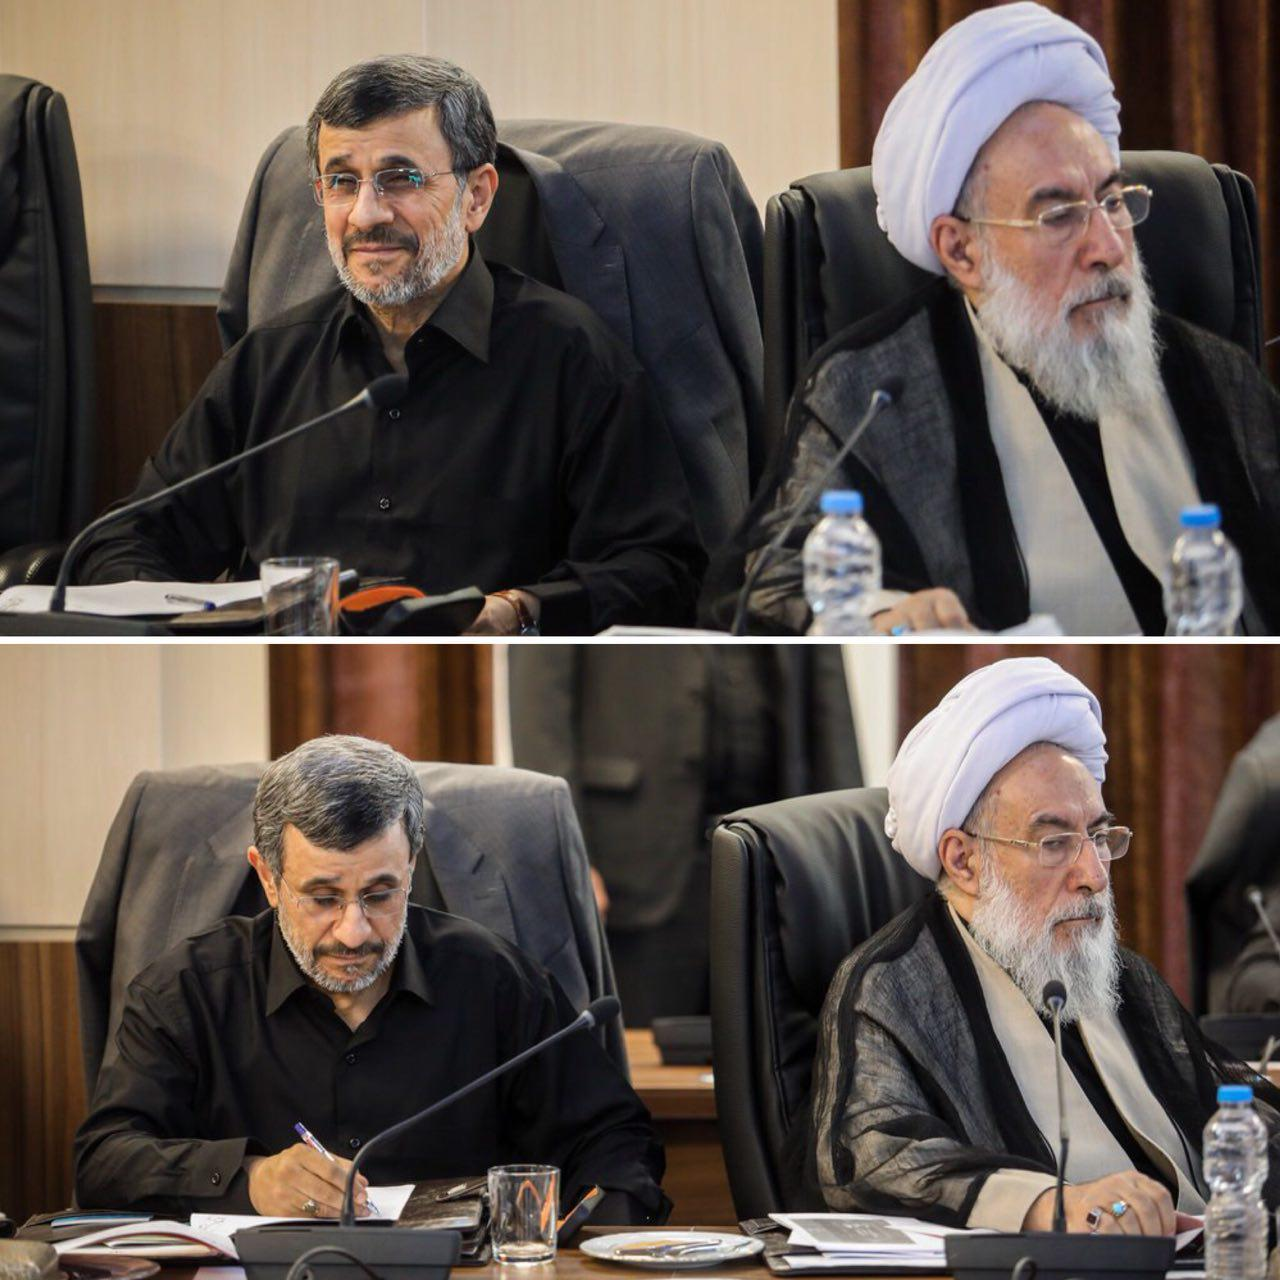 احمدینژاد و آیت الله شبستری در جلسه مجمع